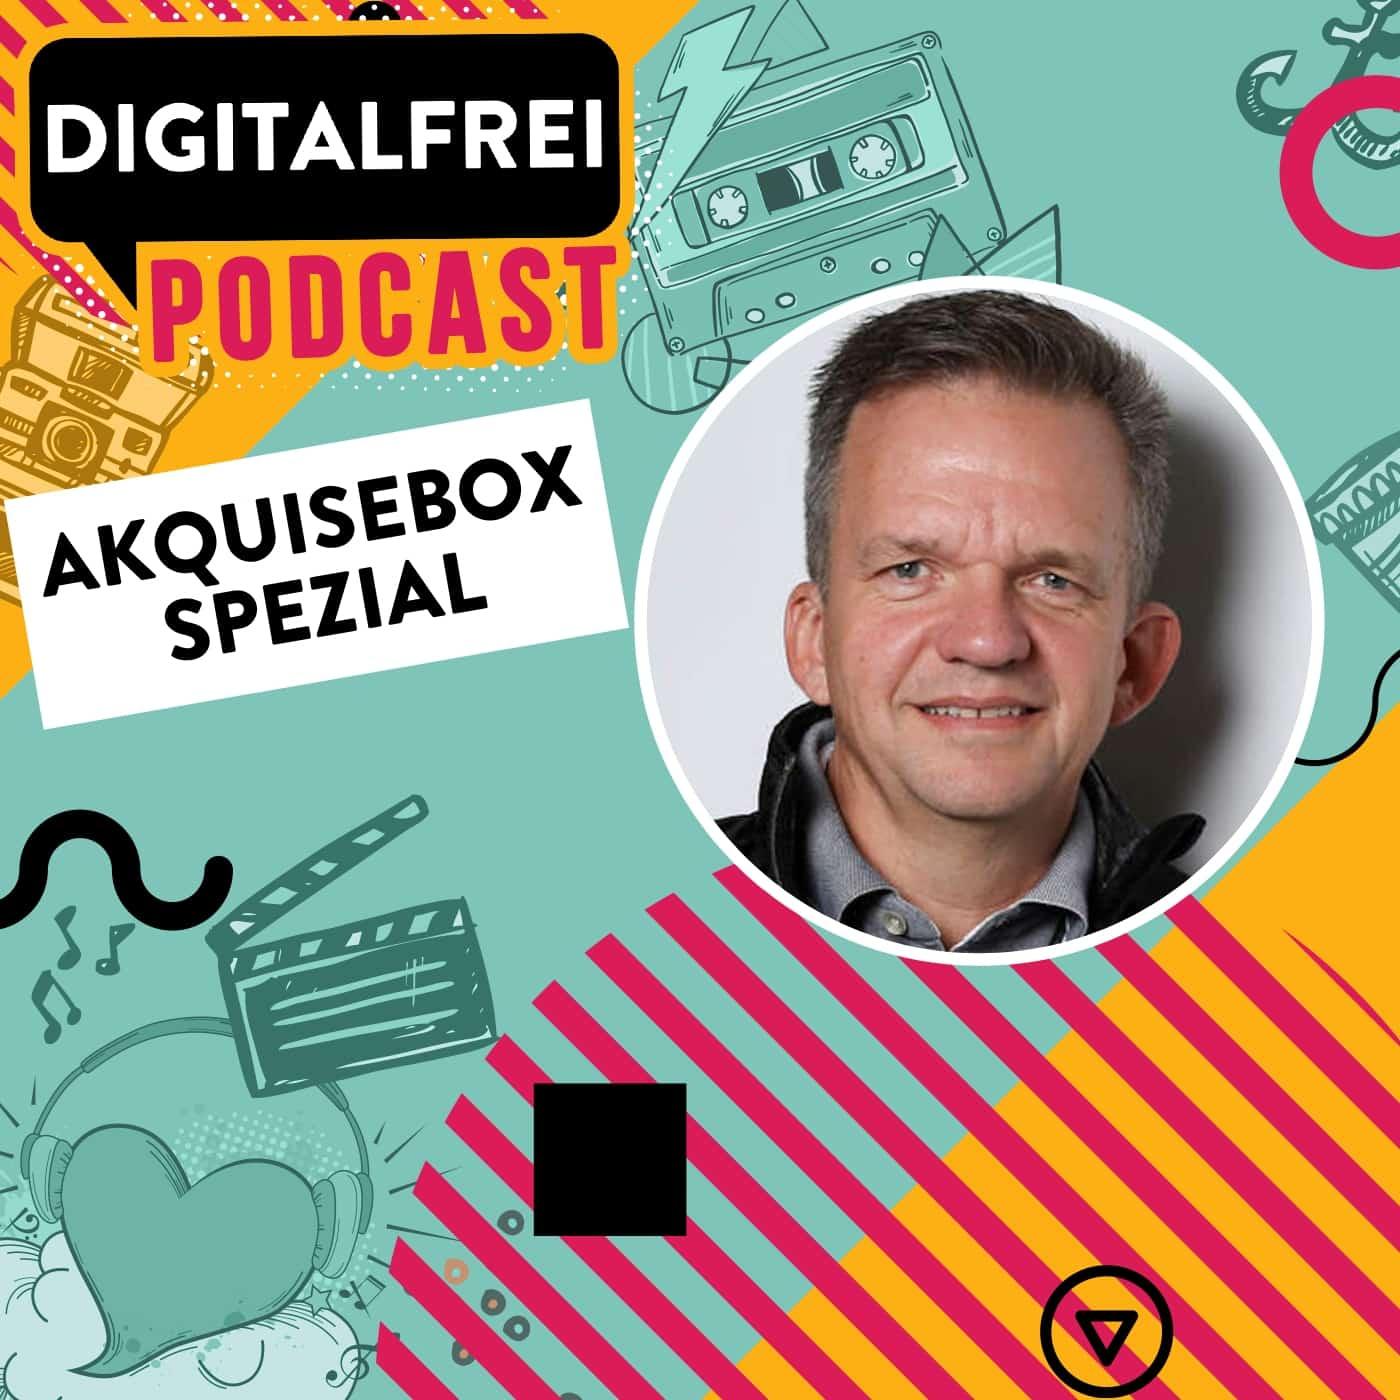 Akquisebox Spezial – Thomas Albrecht – Experte für Rhetorik und Kommunikation